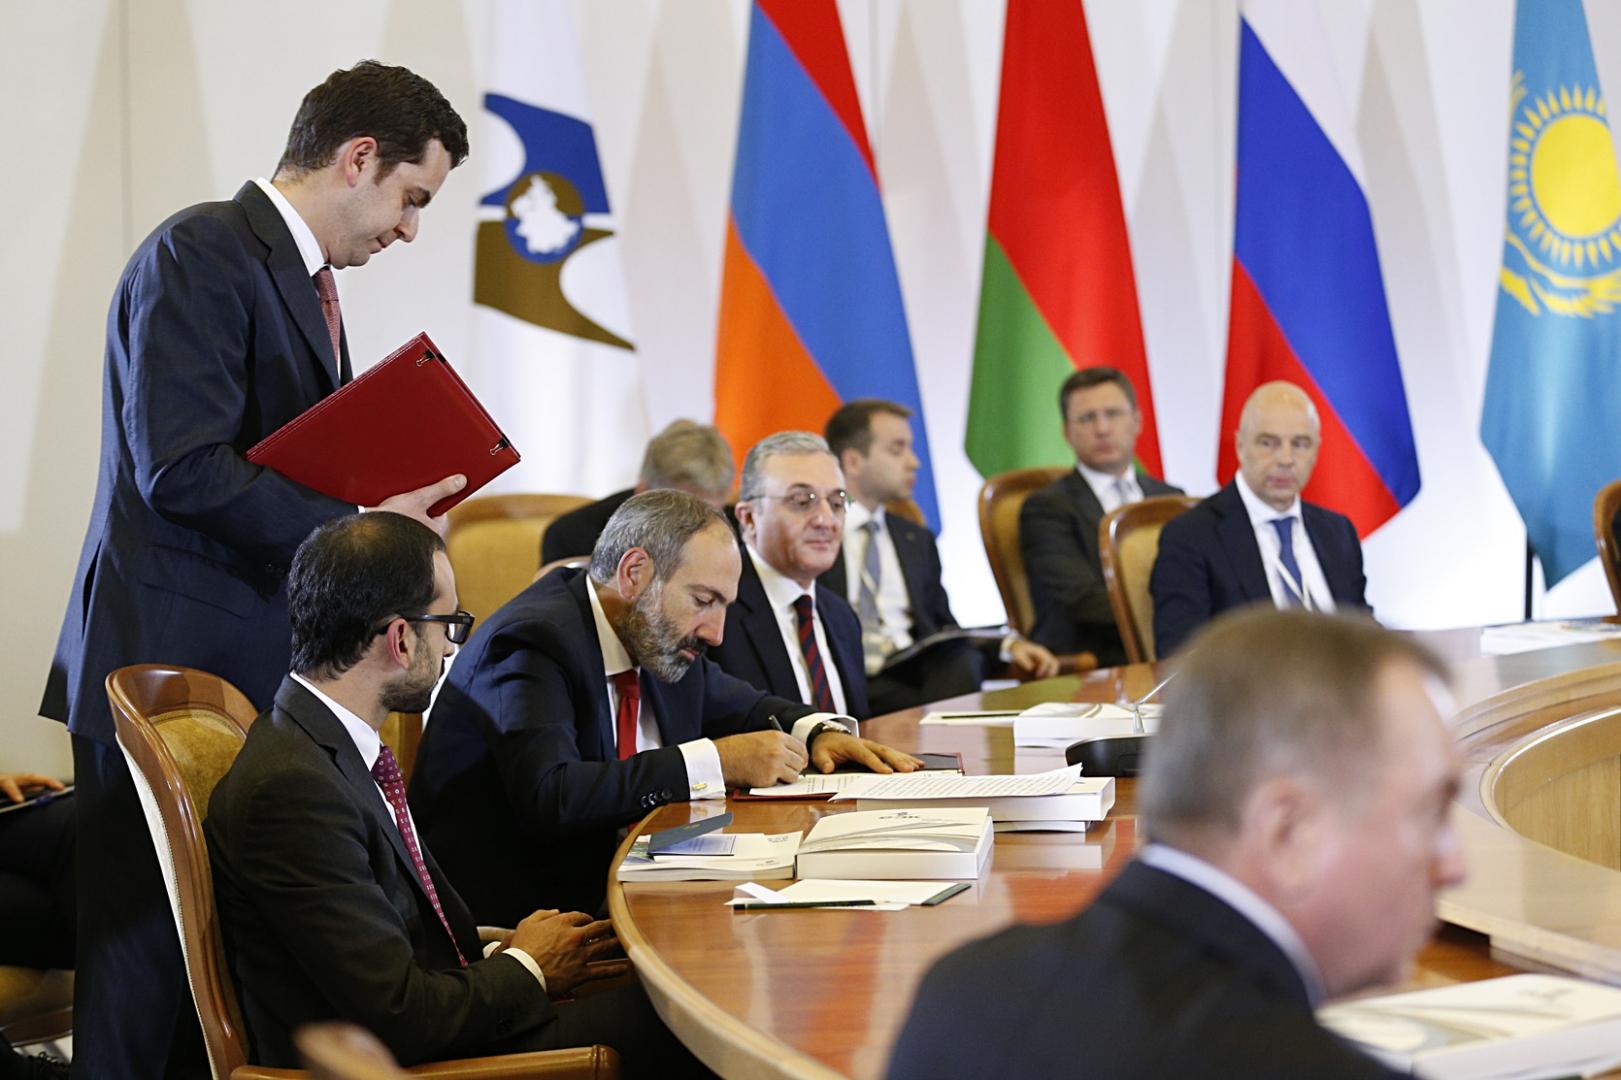 Подписание документов на саммите ЕАЭС в Сочи